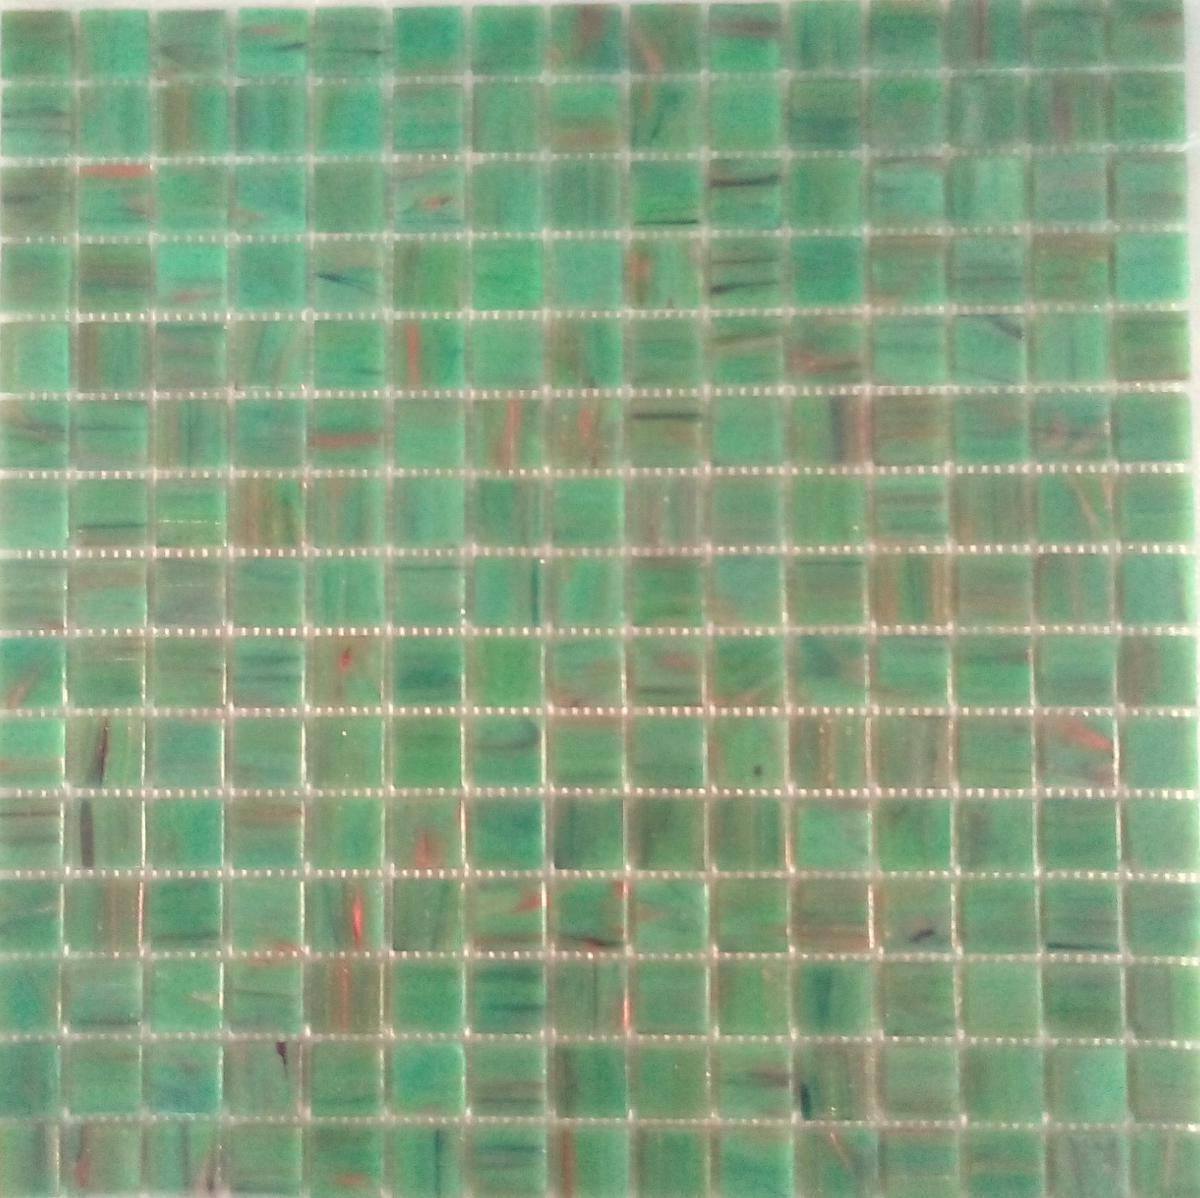 carrelage mosaïque pour salle de bain - achat de carrelage mosaïque